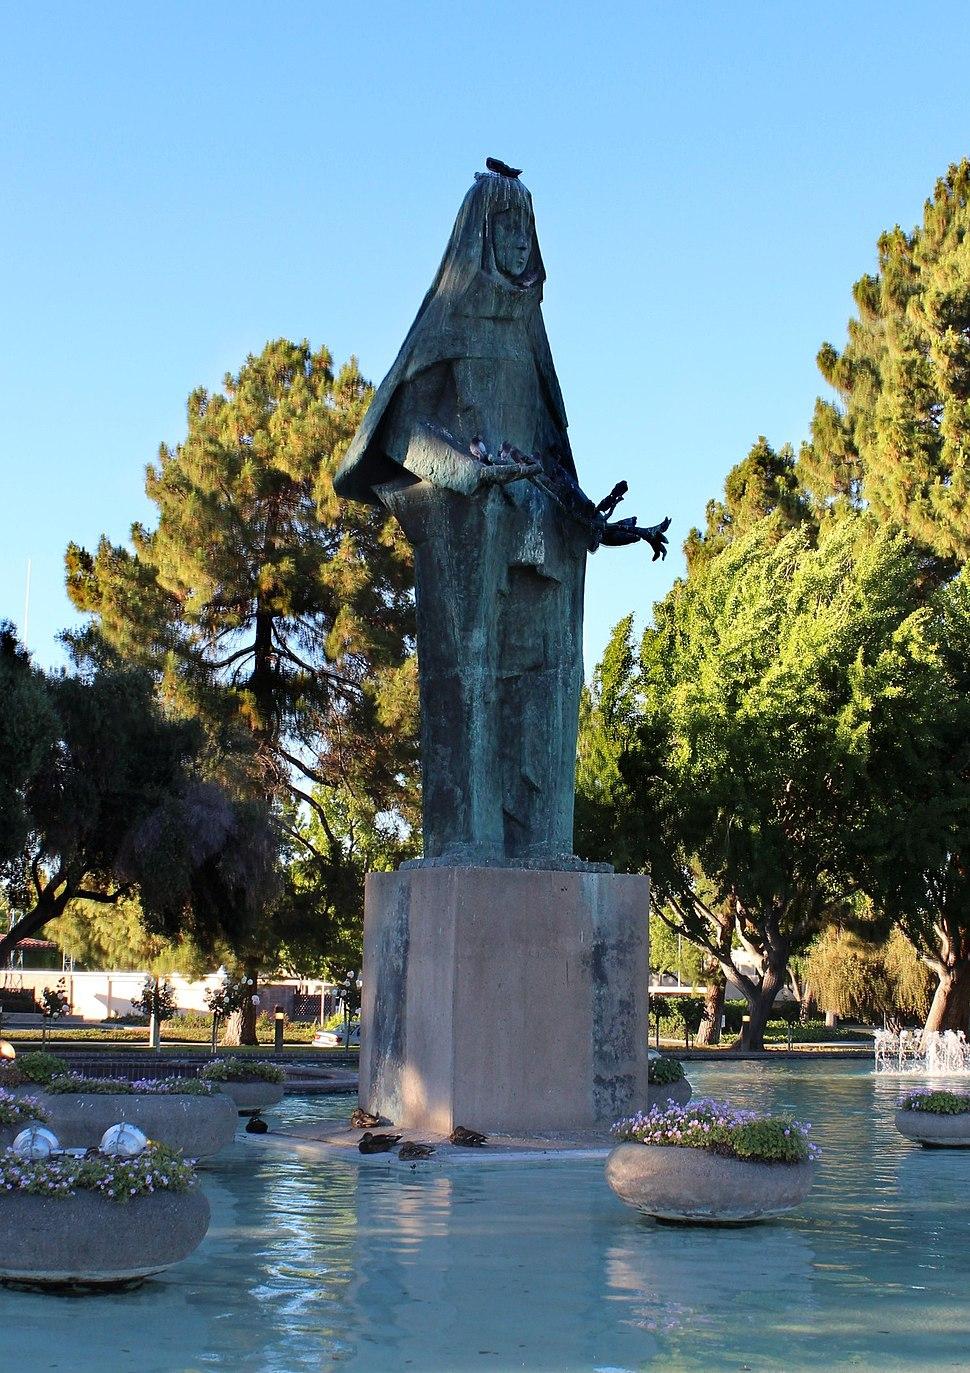 Santa Clara, CA USA - panoramio (cropped)